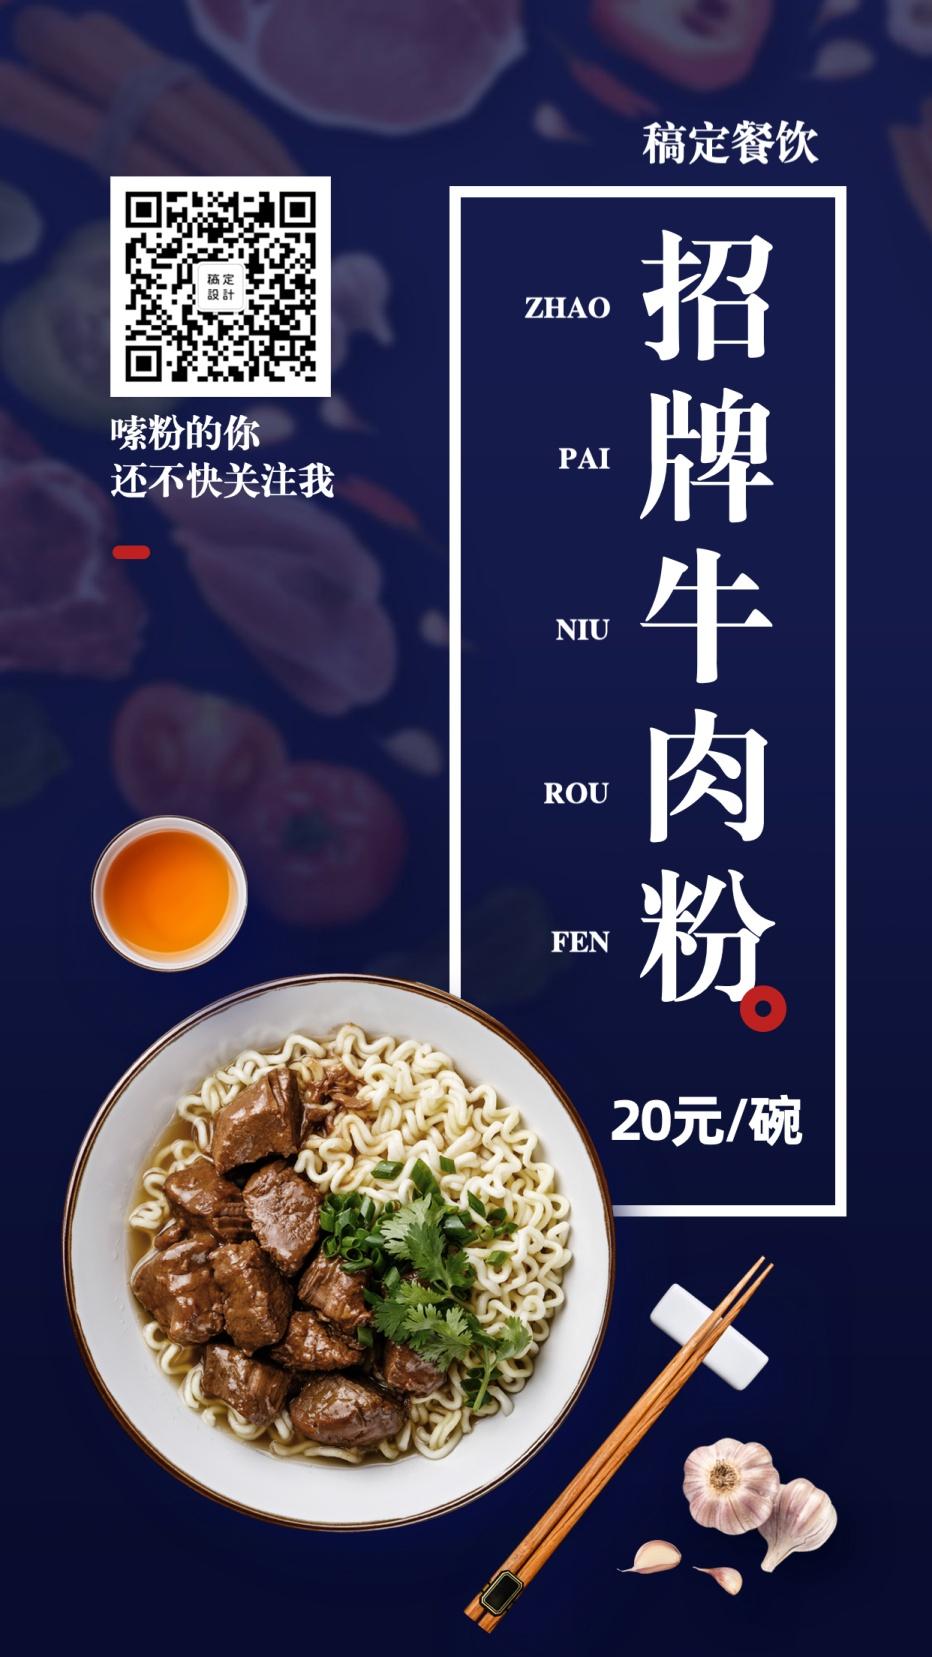 餐饮美食/招牌推荐/简约中国风/手机海报